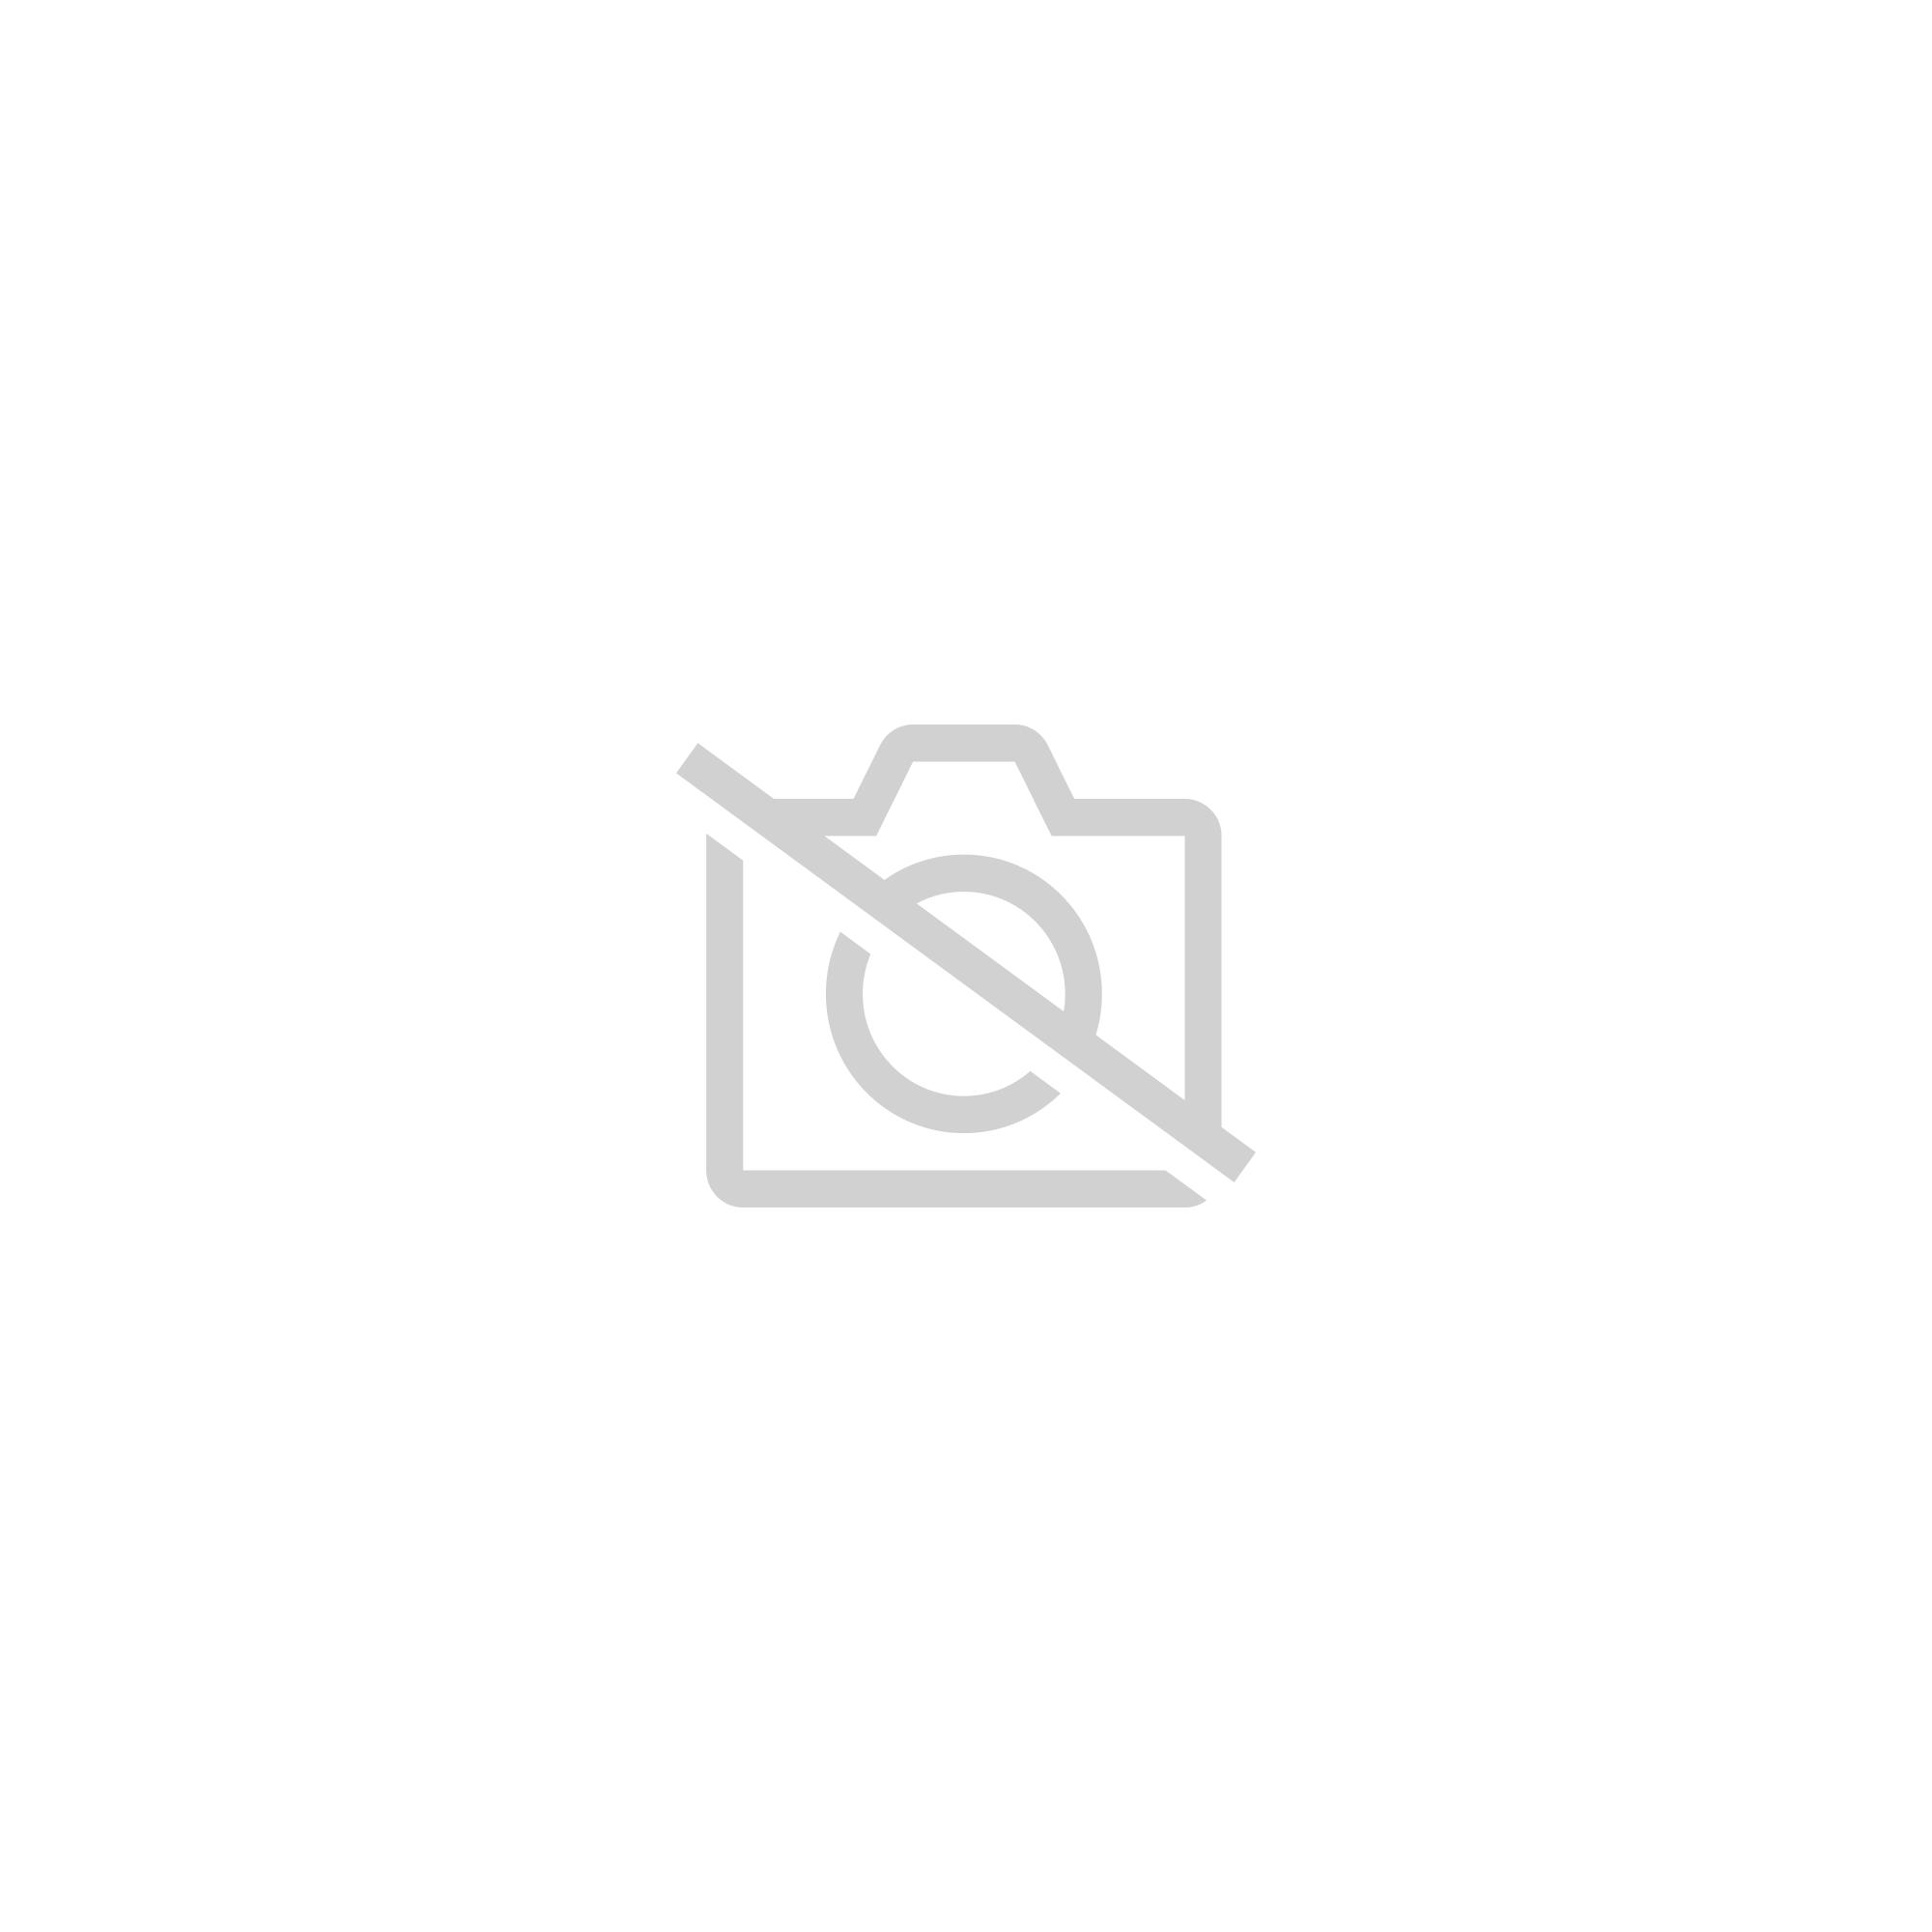 Herlitz 10303717 Lot De 25 Feuilles De Papier Carbone Pour �criture � La Main A4 Bleu Import Allemagne